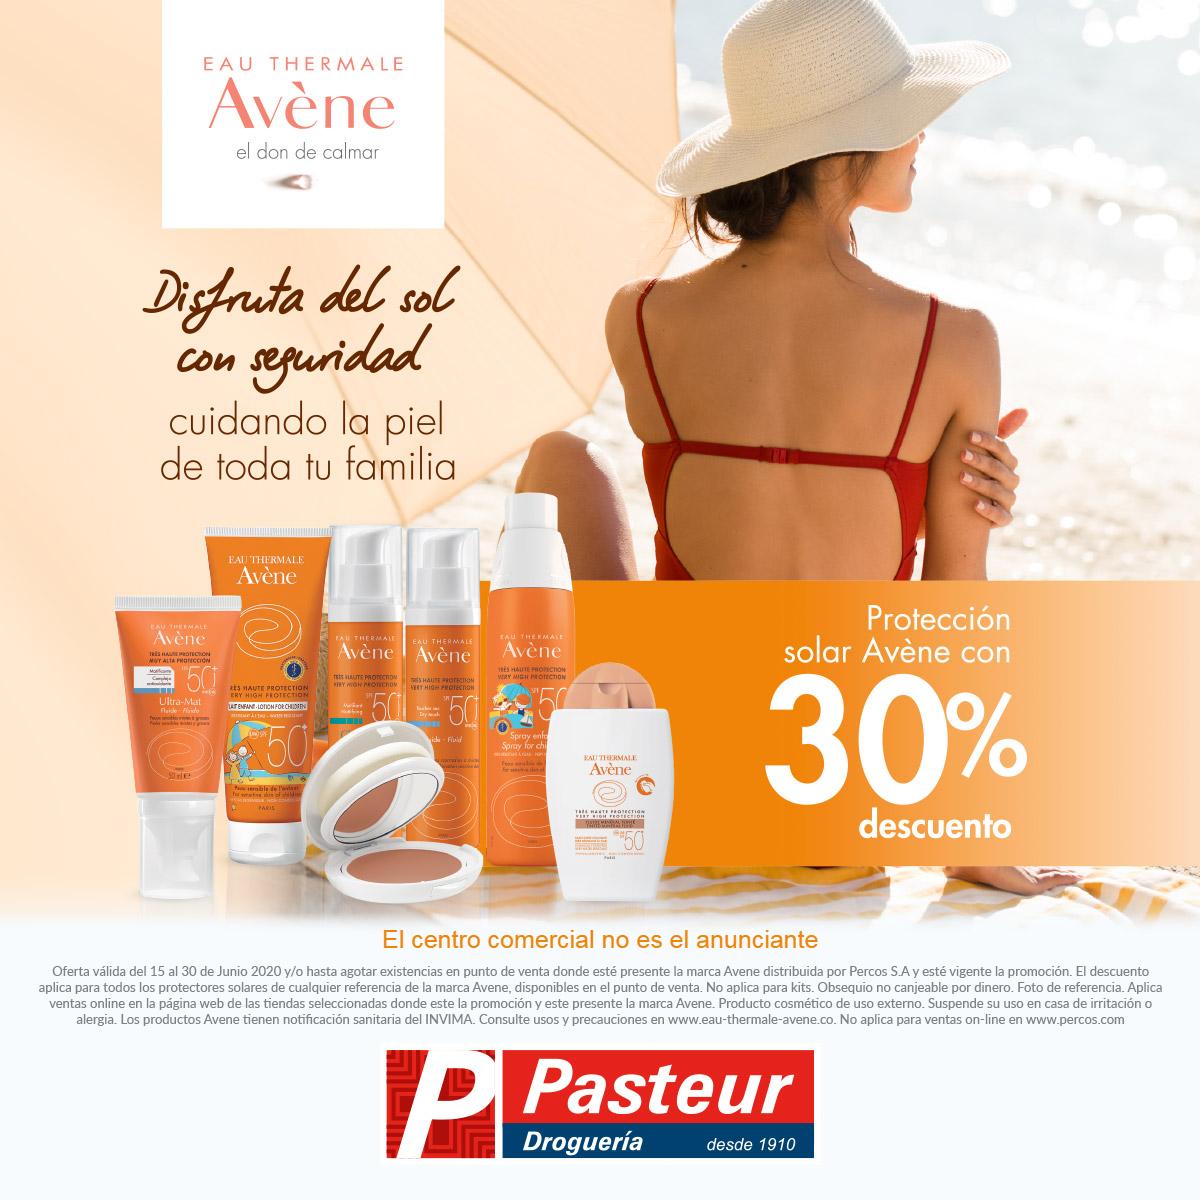 ¡Cuida a los que más quieres! Encuentra en tu farmacia Pasteur 30% de descuento en protección solar Avéne hasta el 30 de junio de 2020.